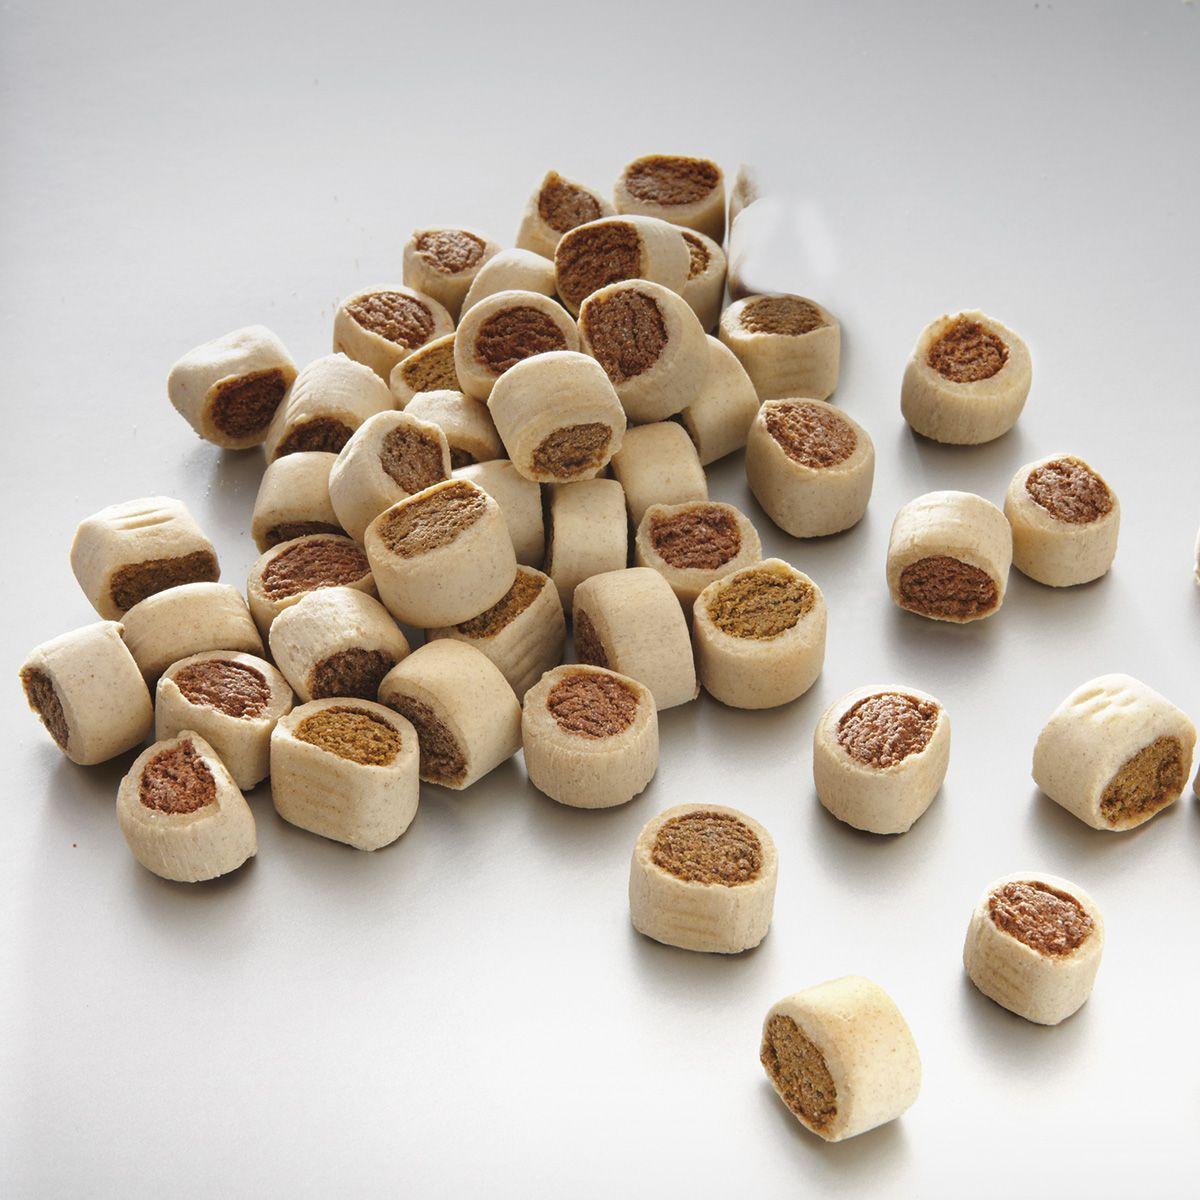 Лакомство для собак Meradog Snacky Mix, мини-роллы, 10 кг41110Печенье (лакомства) для собак. Как вознаграждение, а также дополнение к основному рациону собак